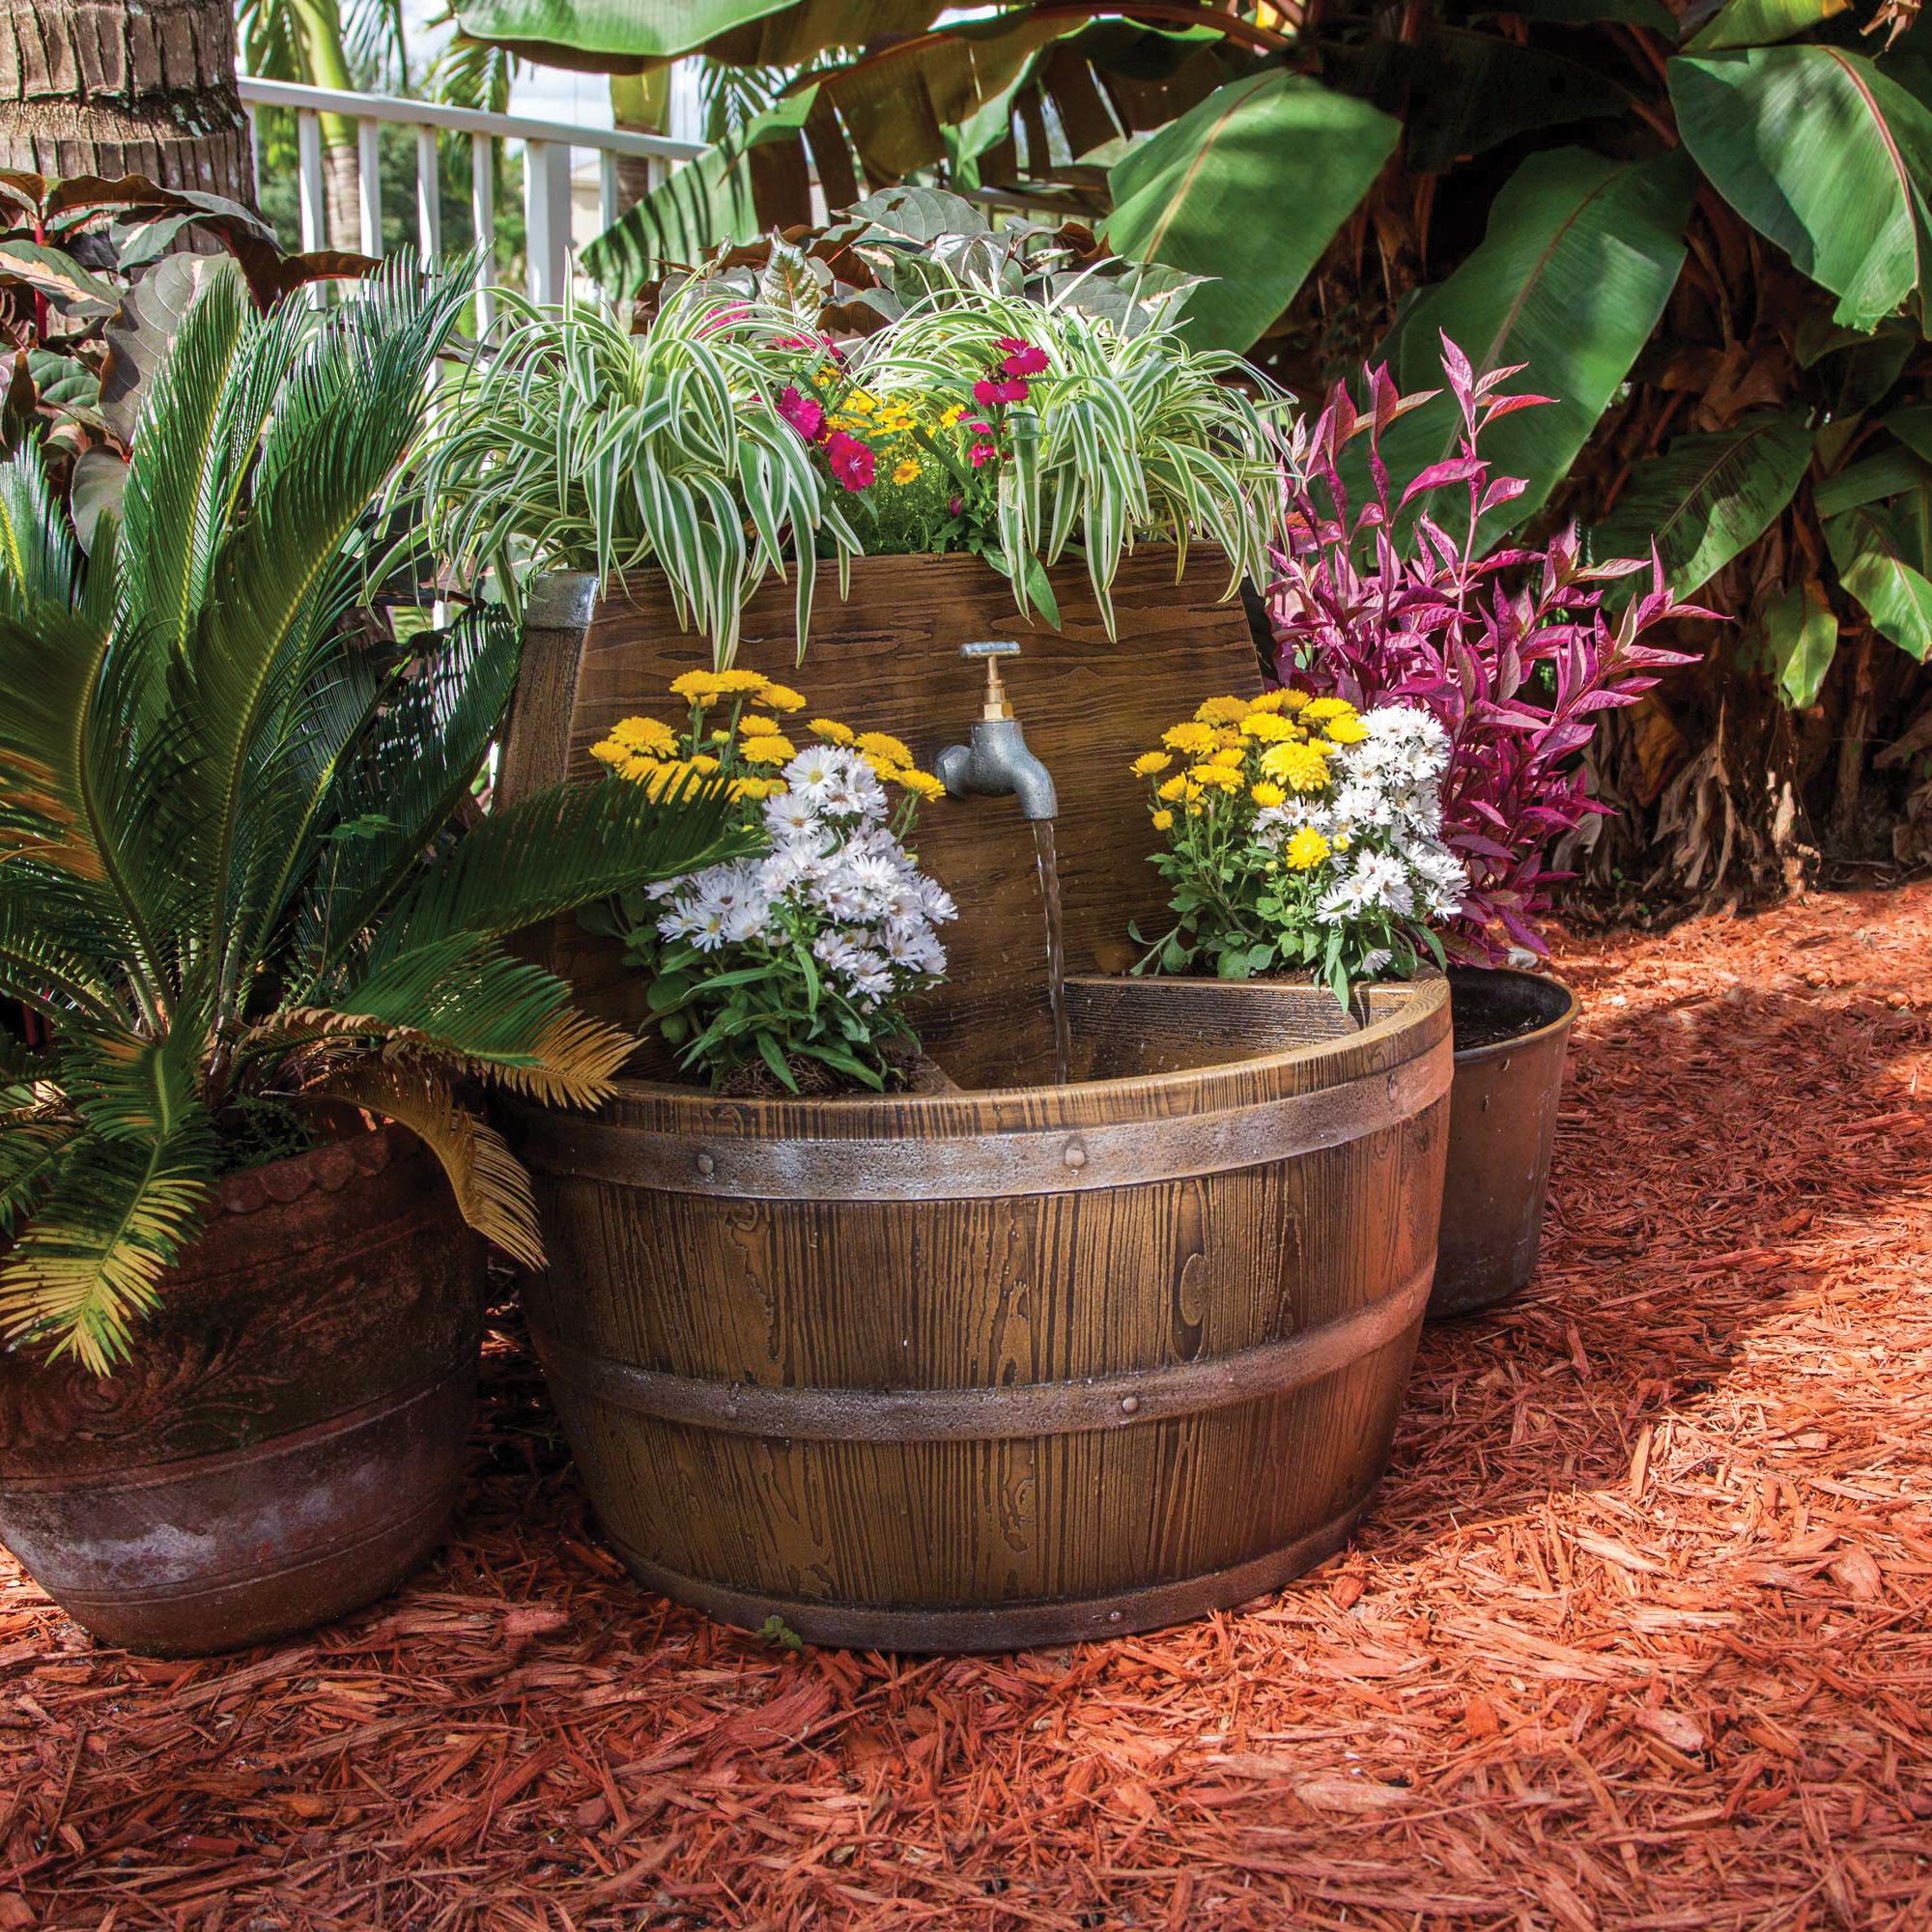 Fontane in legno 15 idee per una fontanella fai da te in for Fioriere fai da te in legno